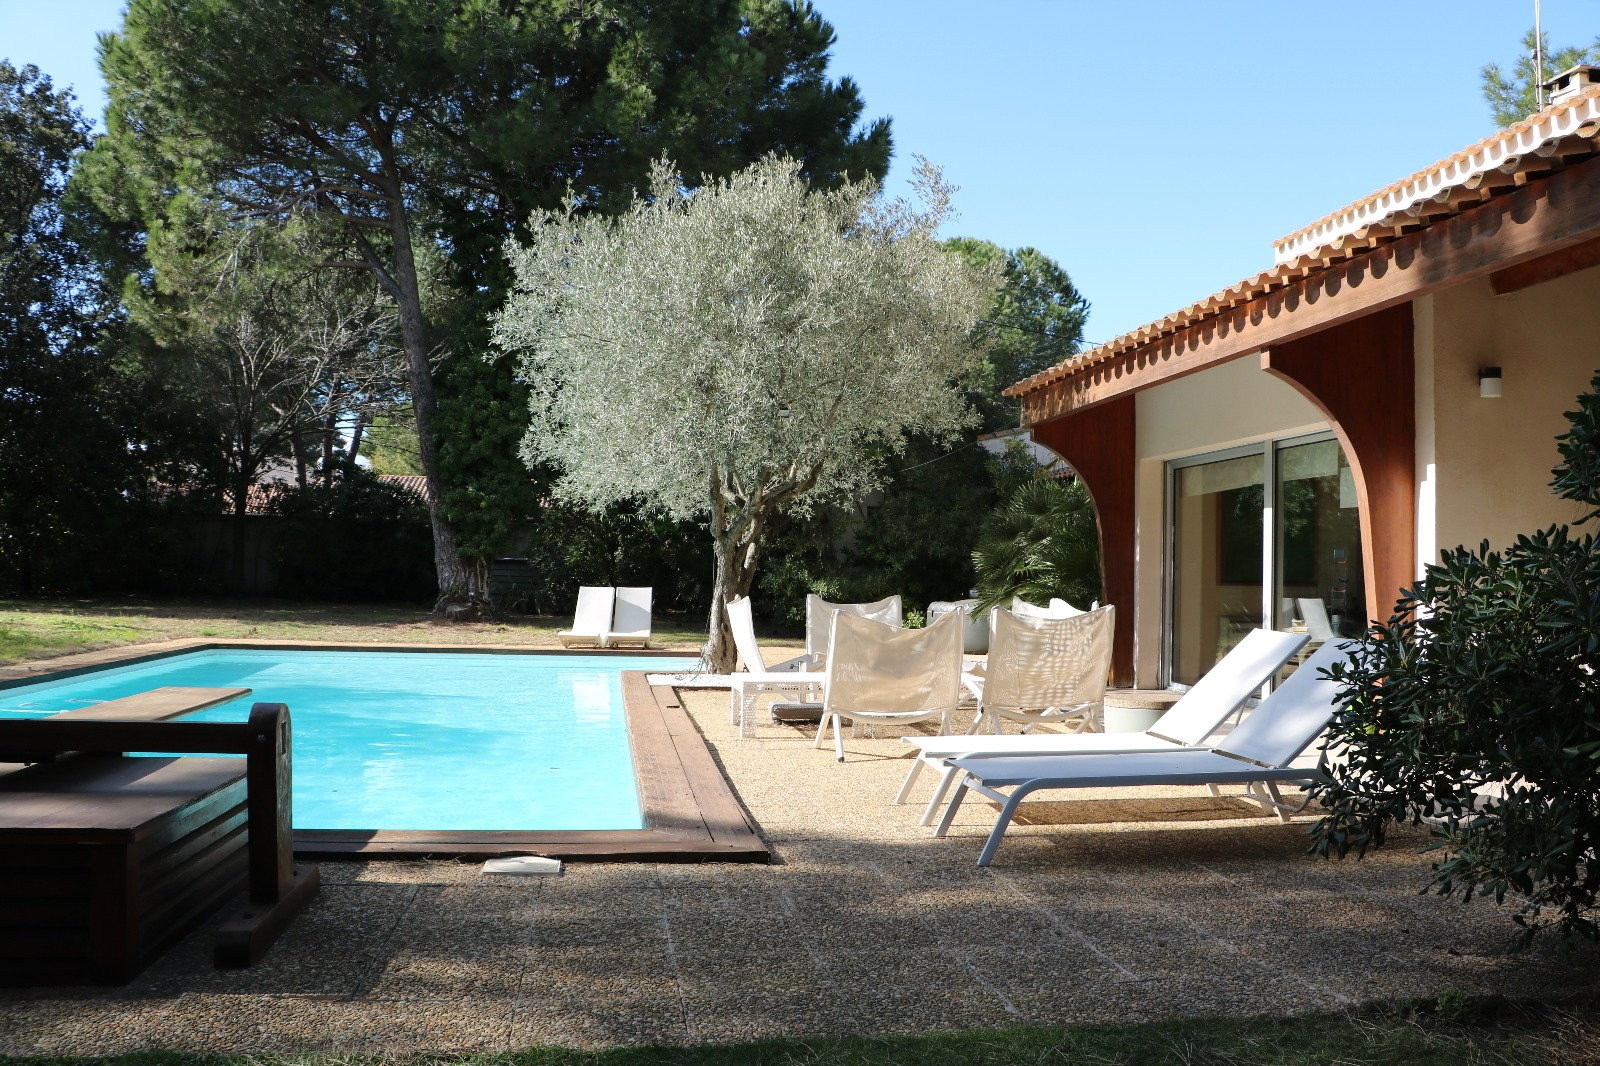 magnifique villa d 39 architecte paul caumette immobilier sud de la france. Black Bedroom Furniture Sets. Home Design Ideas